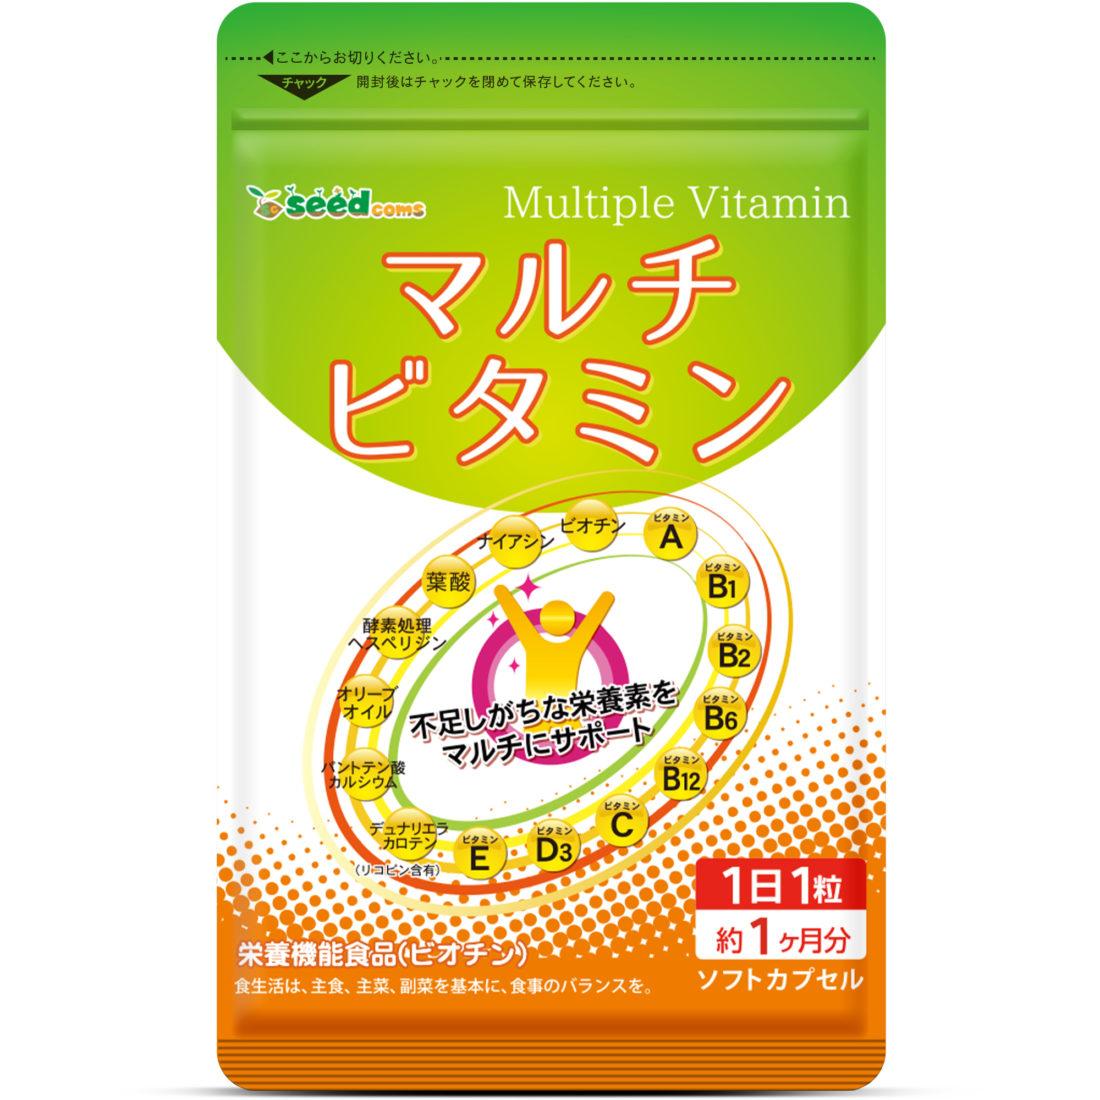 マルチビタミン シードコムス seedcoms